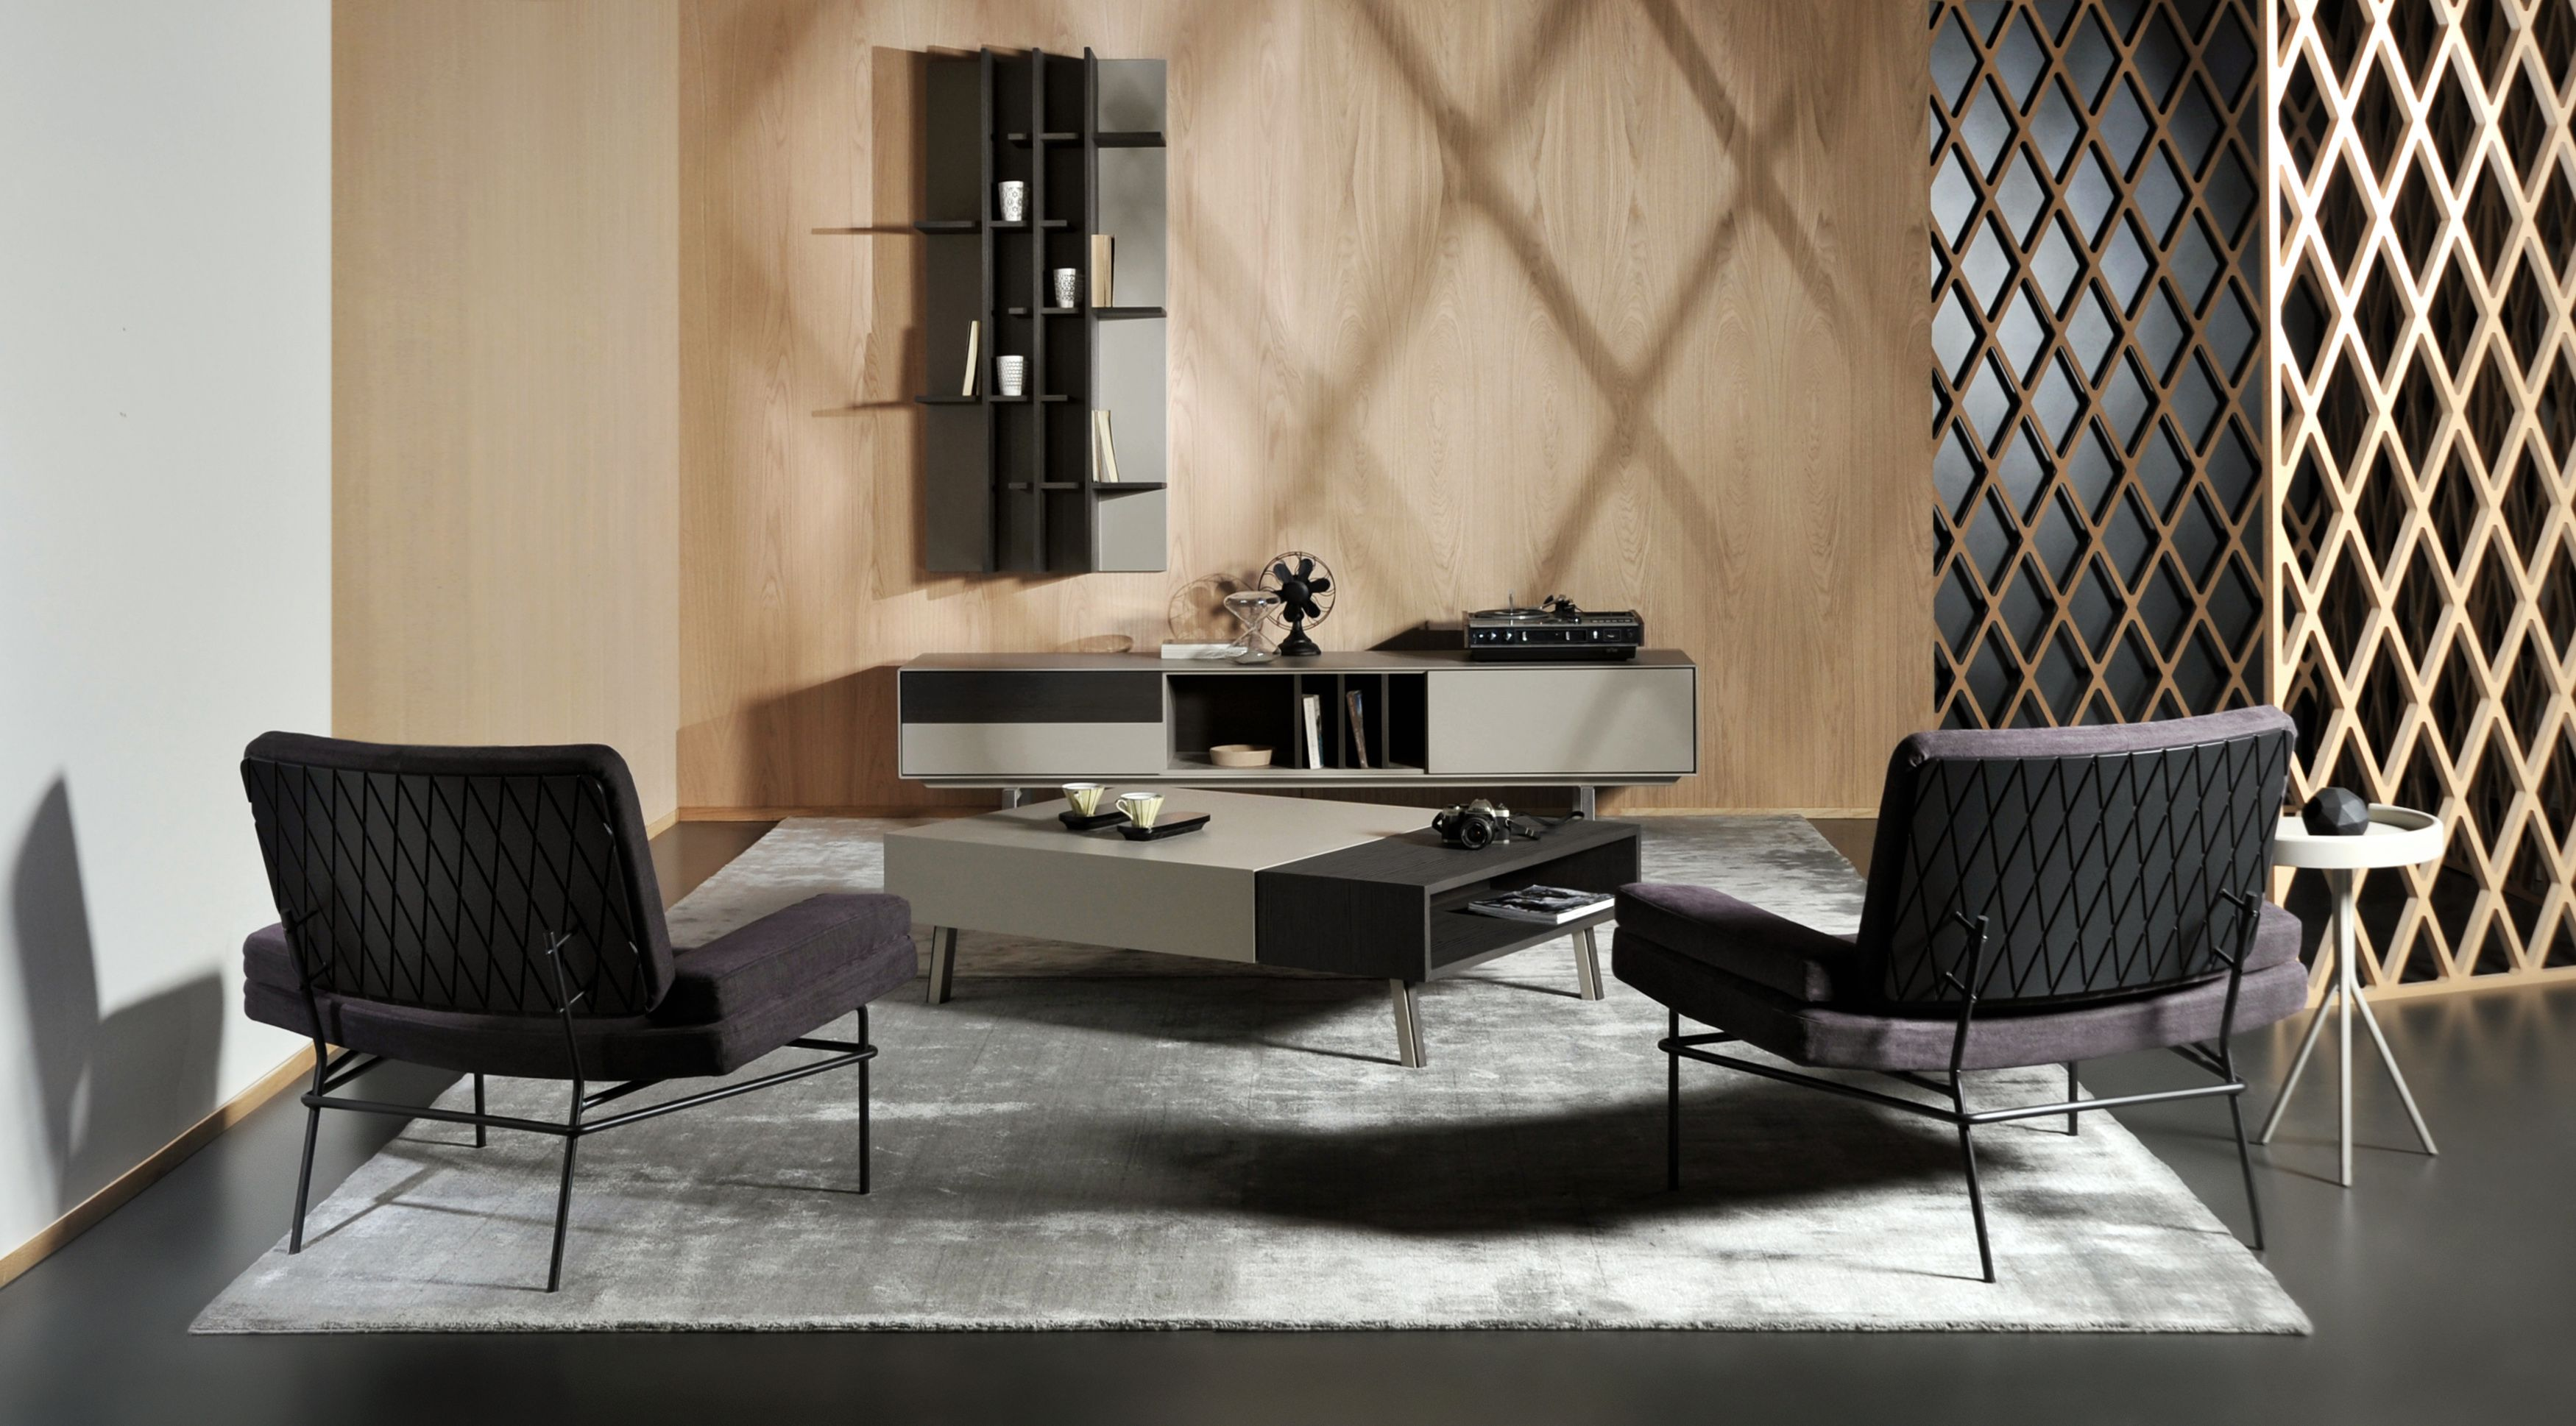 Moderne Wohnzimmer Möbel Von Al2. #möbel #wohnzimmer #sessel ... Moderne Wohnzimmermobel